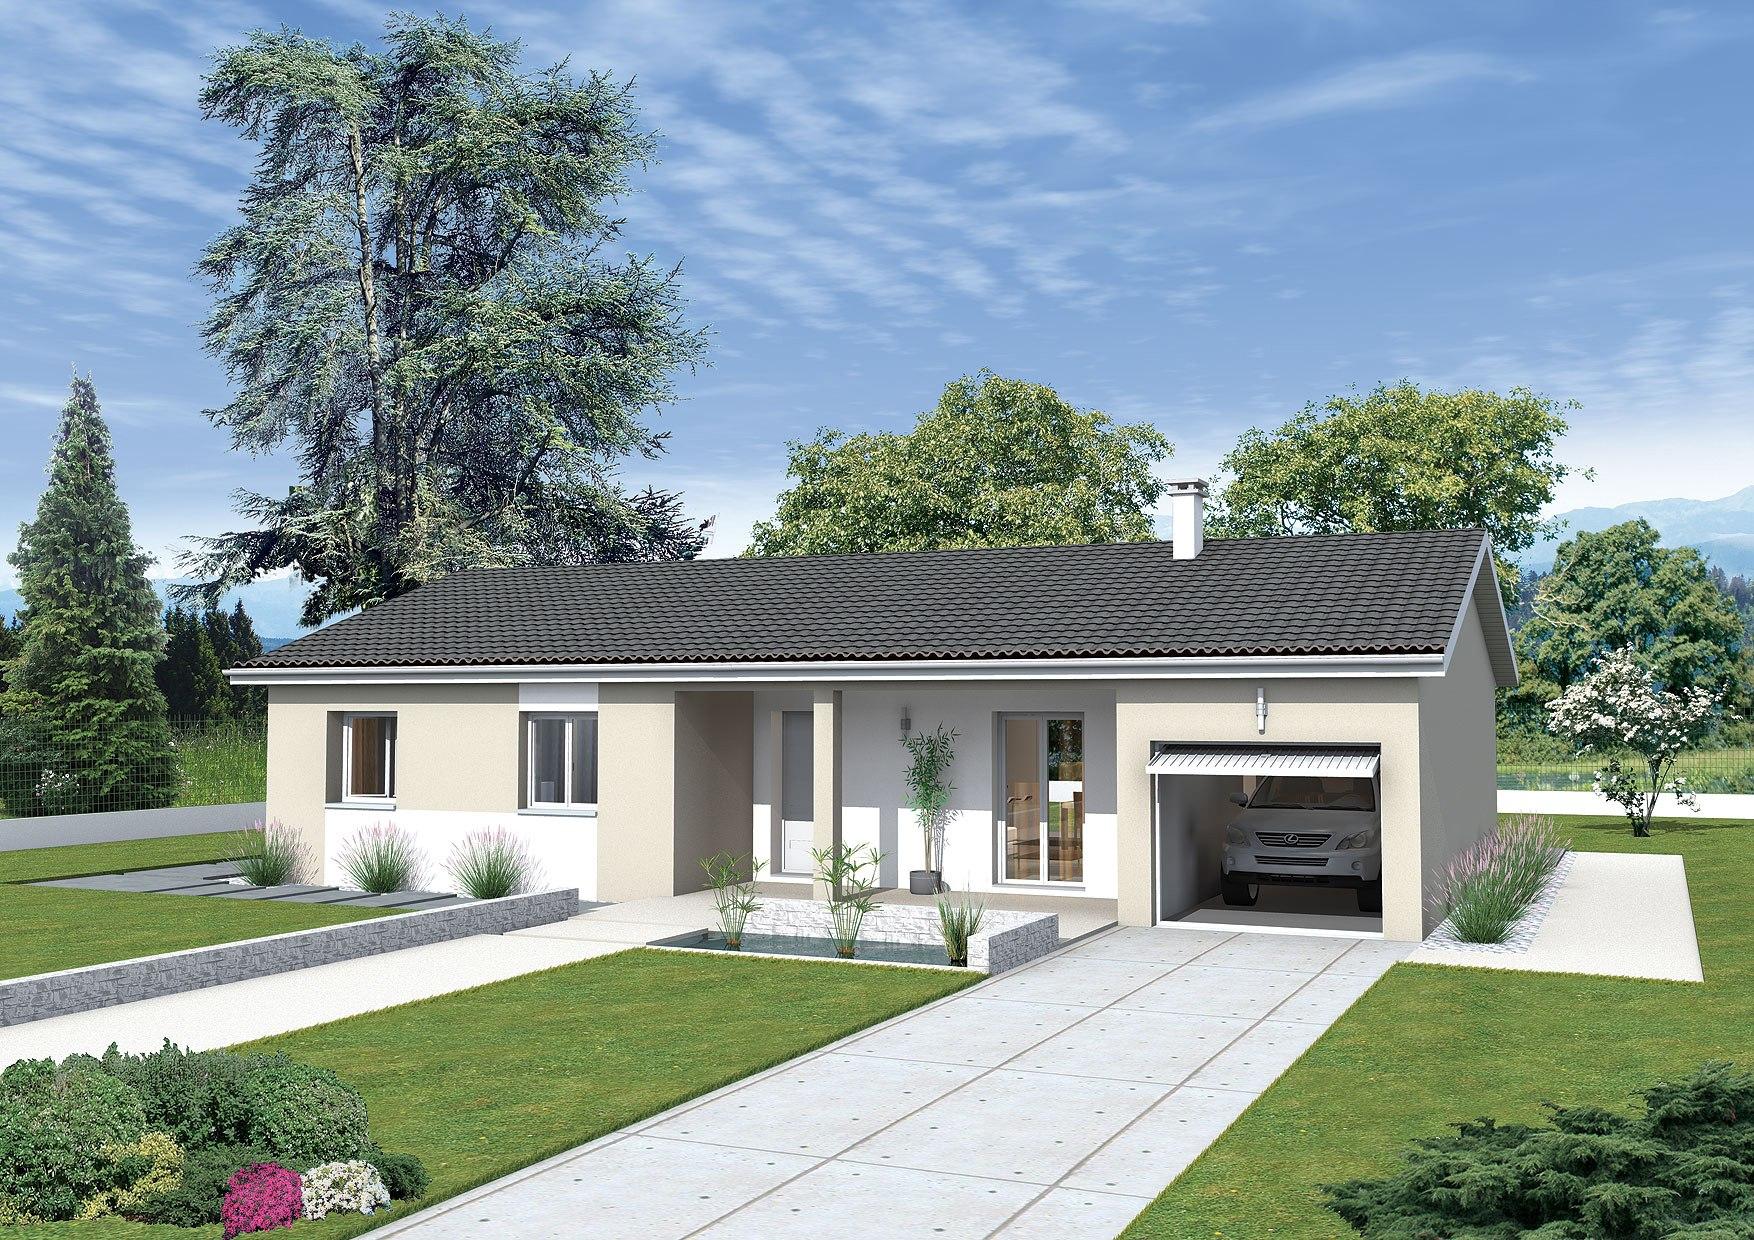 Maisons + Terrains du constructeur MAISONS PUNCH • 85 m² • CLESSE